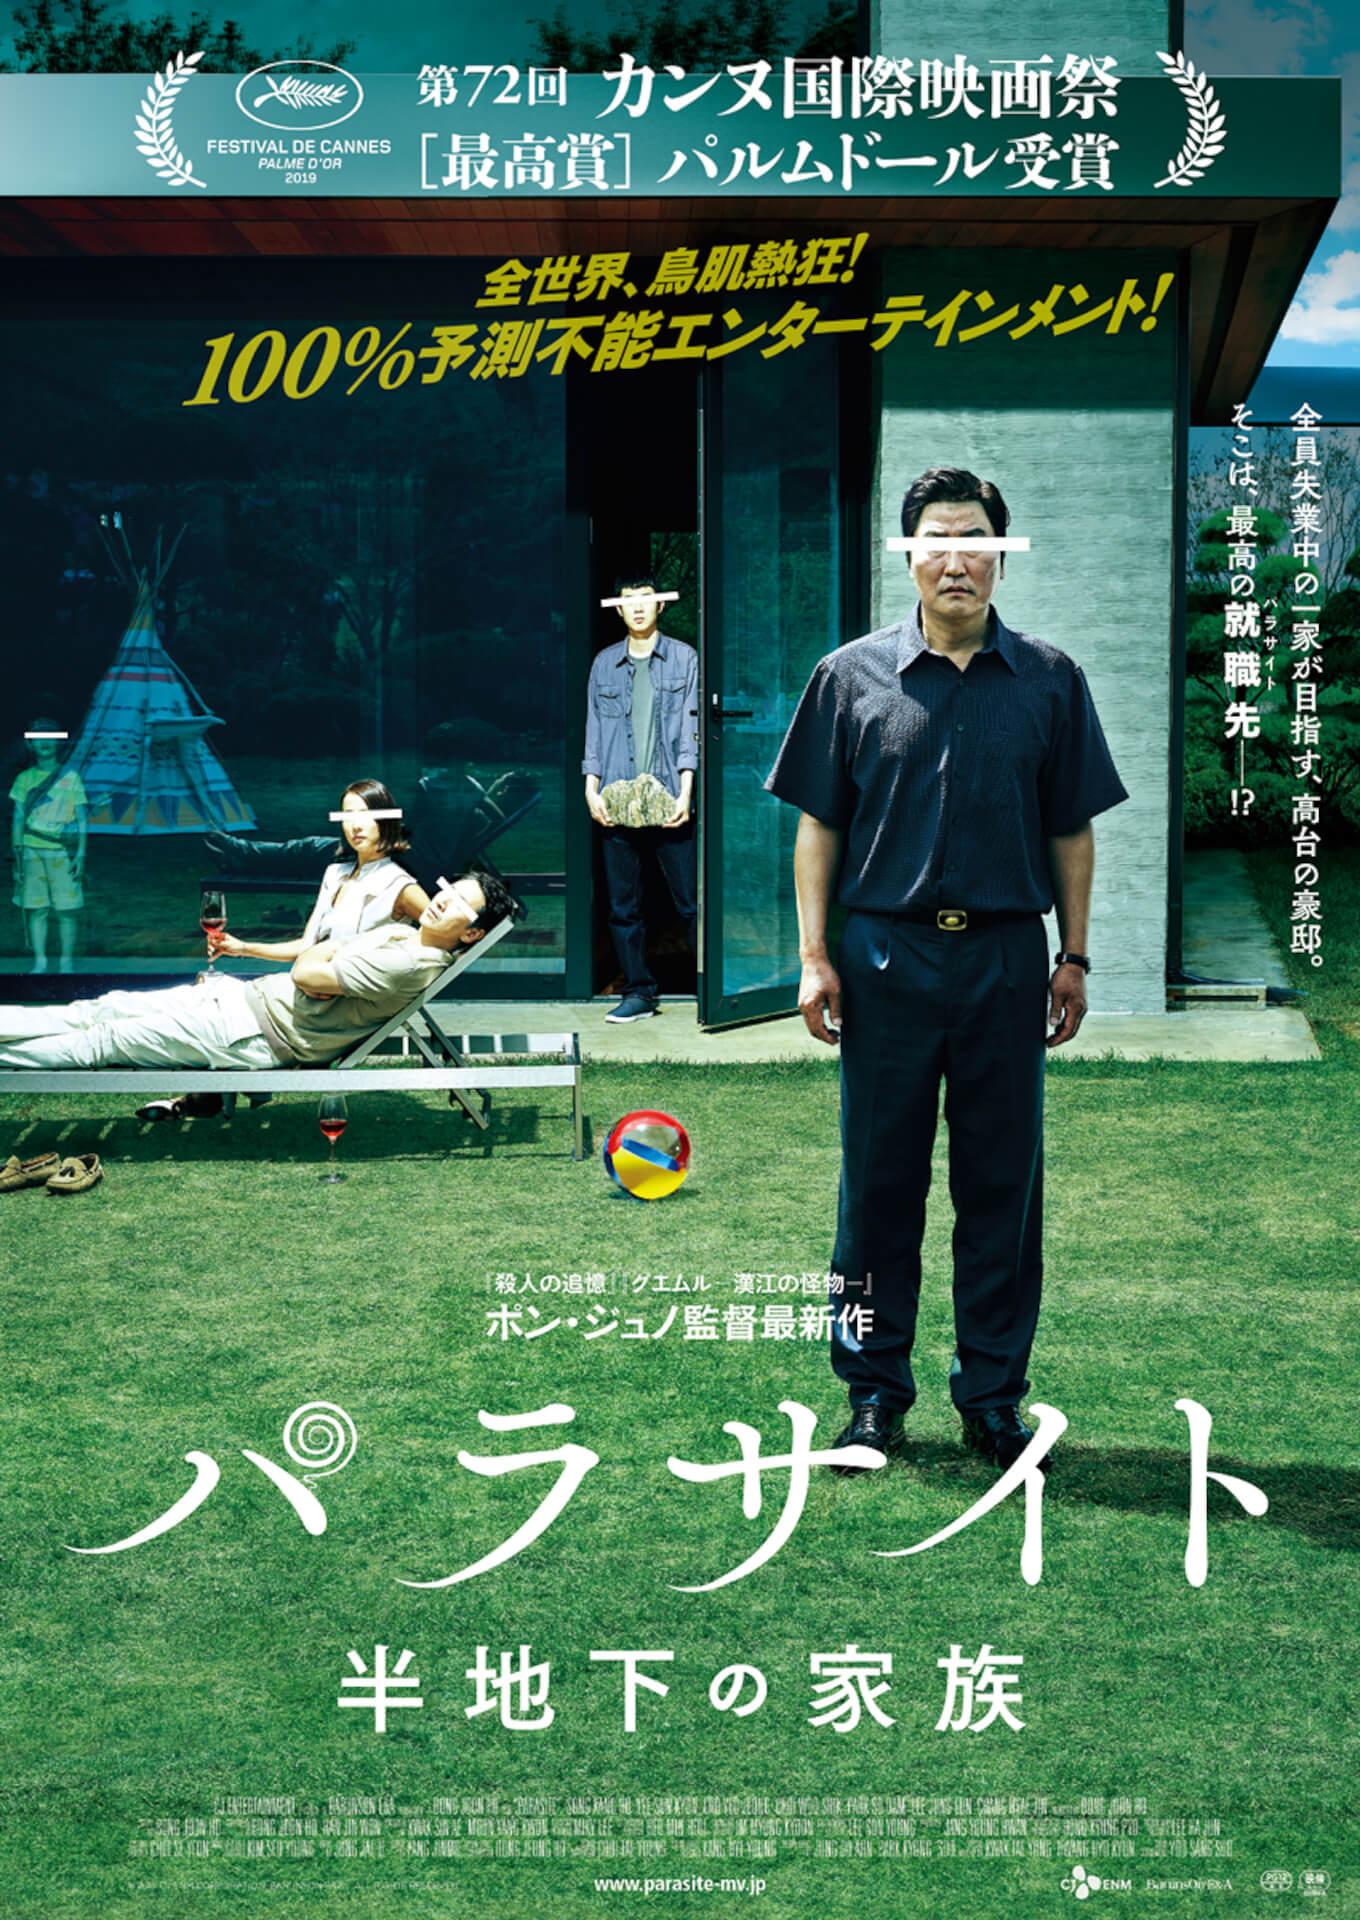 吉沢亮が『パラサイト 半地下の家族』を激推し!特別コメント動画&オリジナルポートレートを解禁 film191224_parasite_yoshizawaryo_6